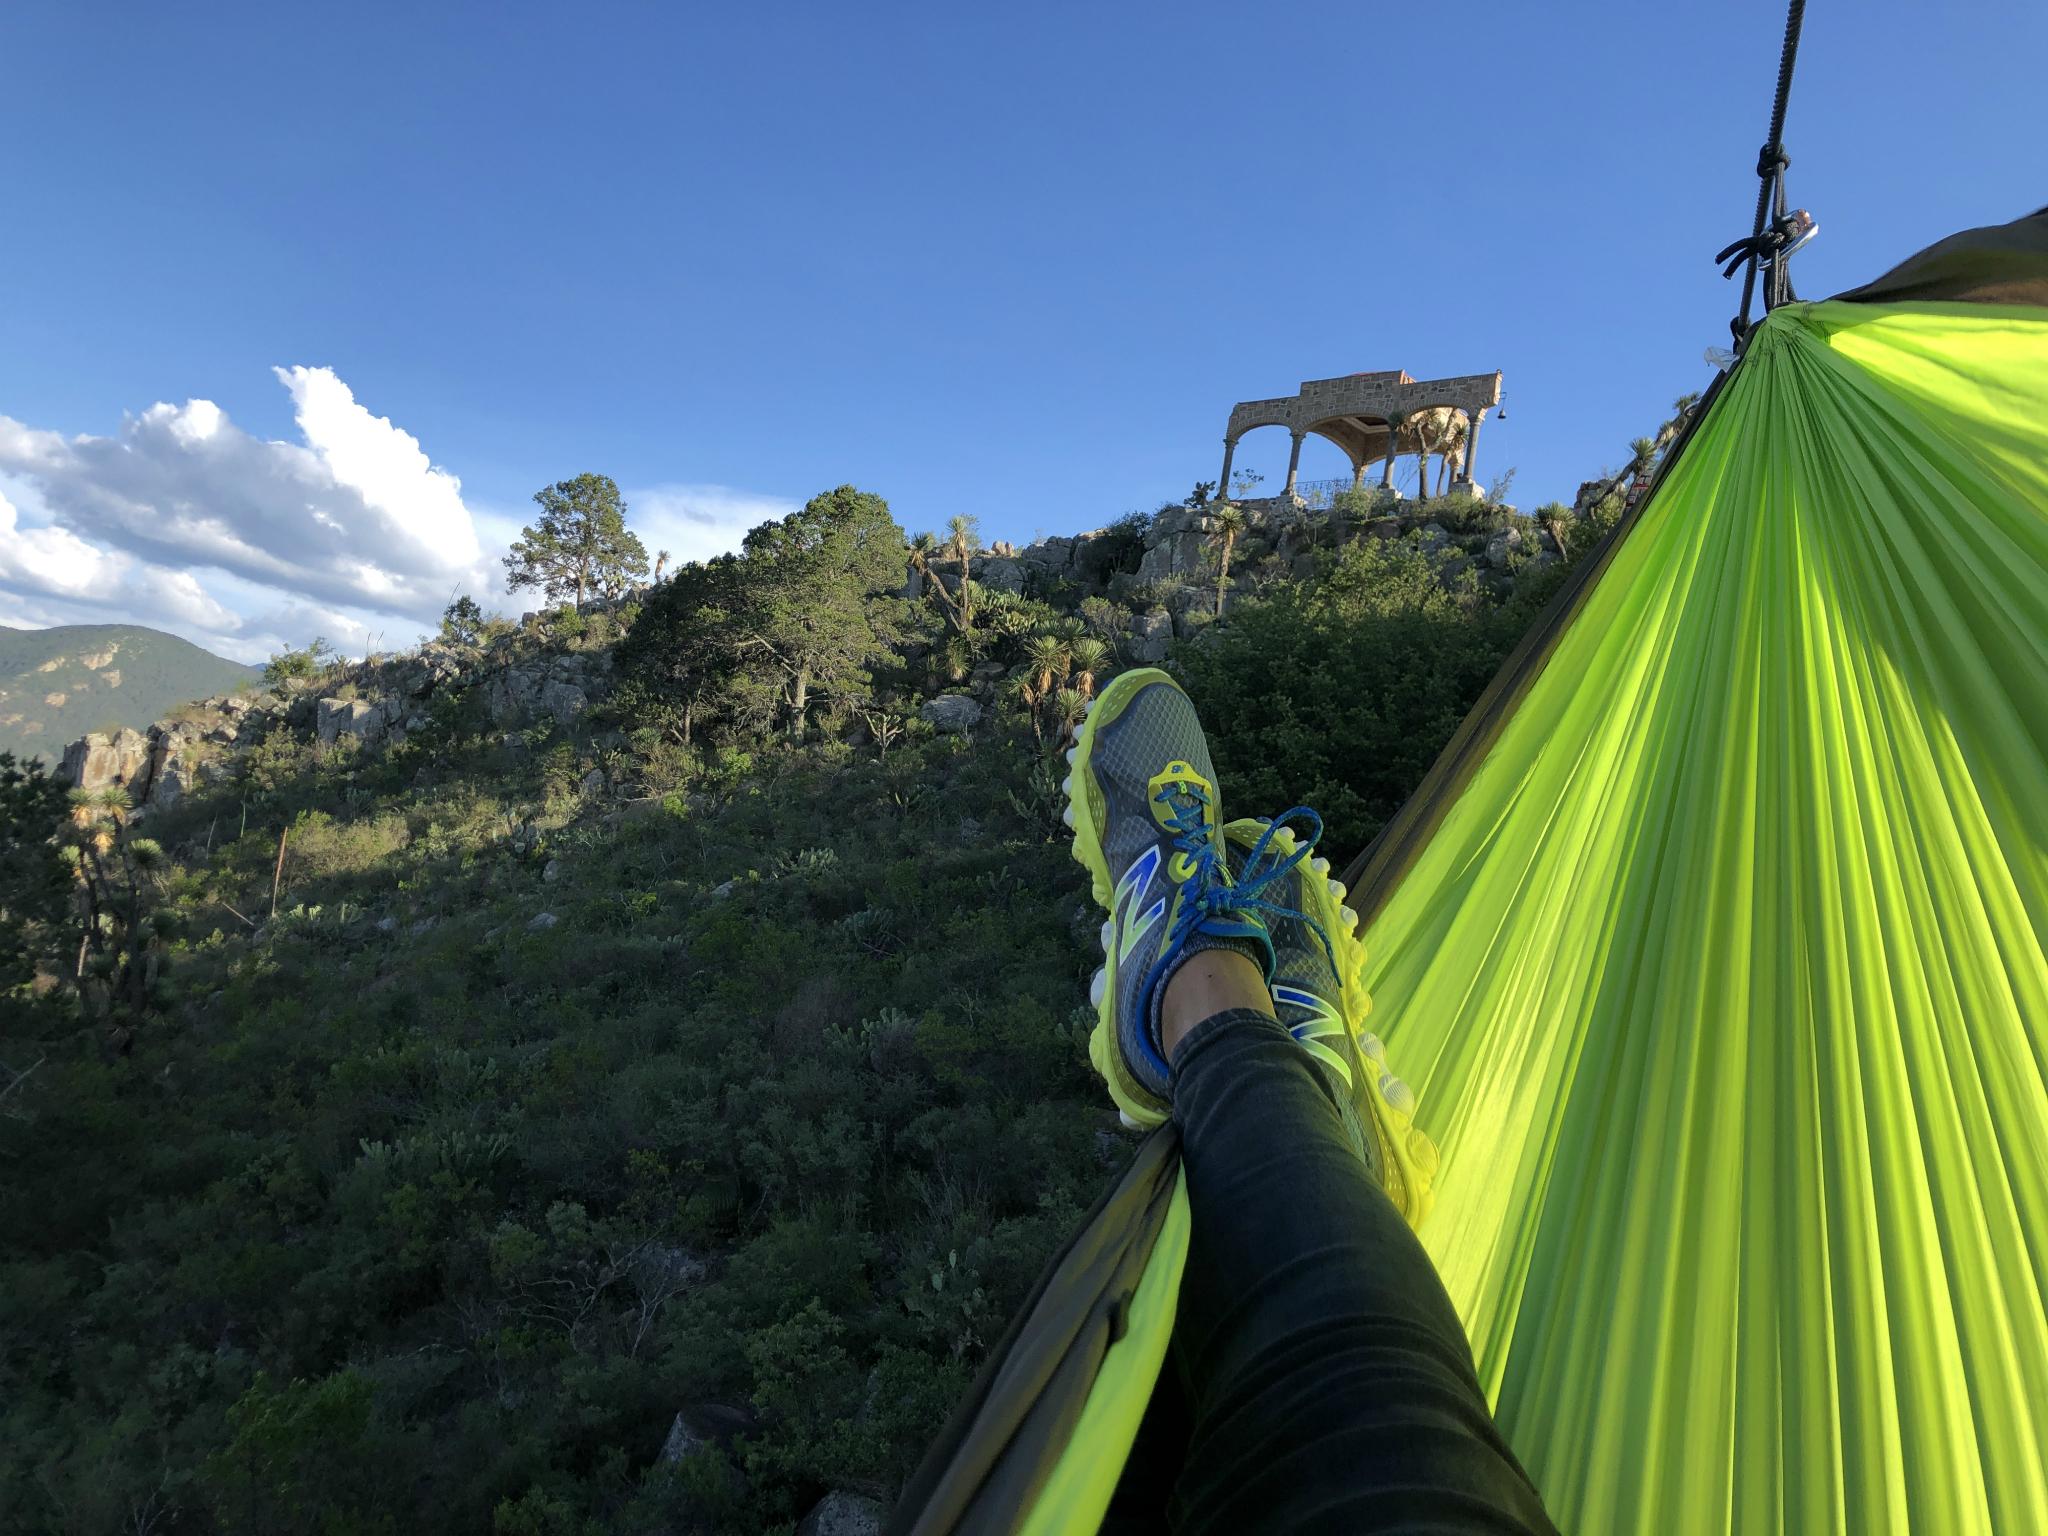 Sky Dream, una experiencia extrema en Guanajuato